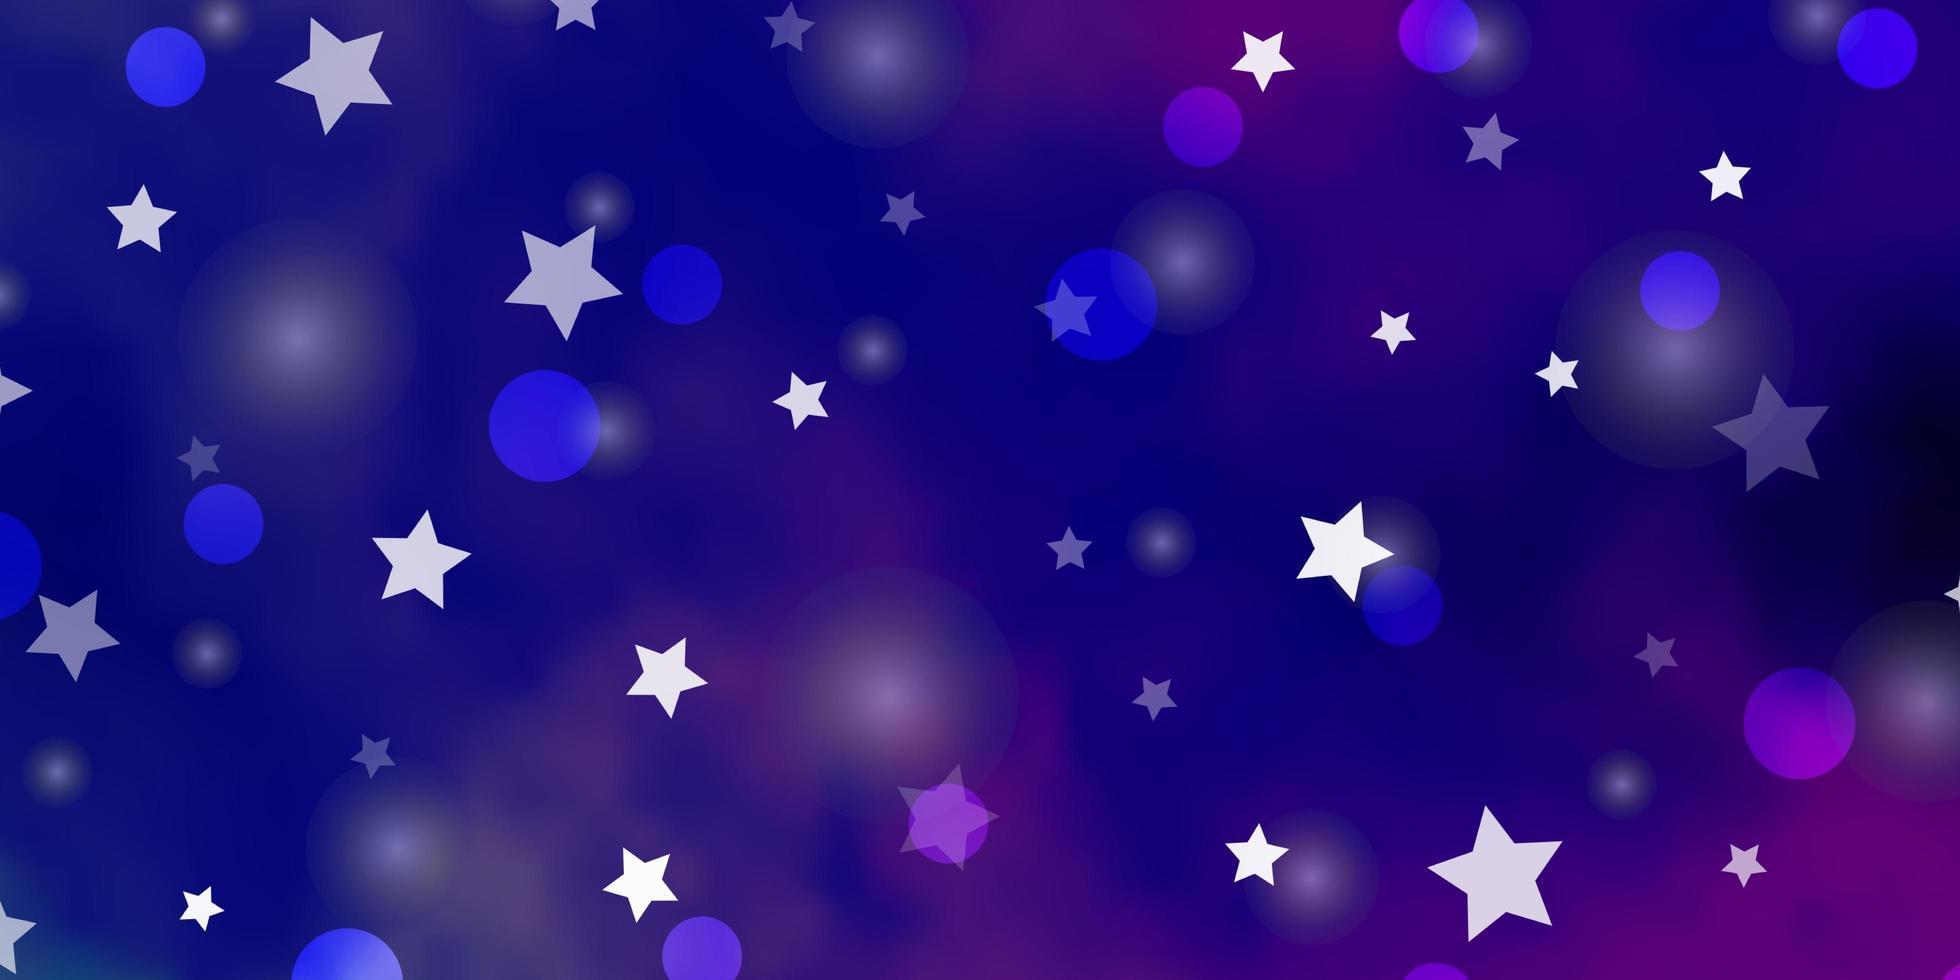 paarse en roze achtergrond met cirkels en sterren. vector